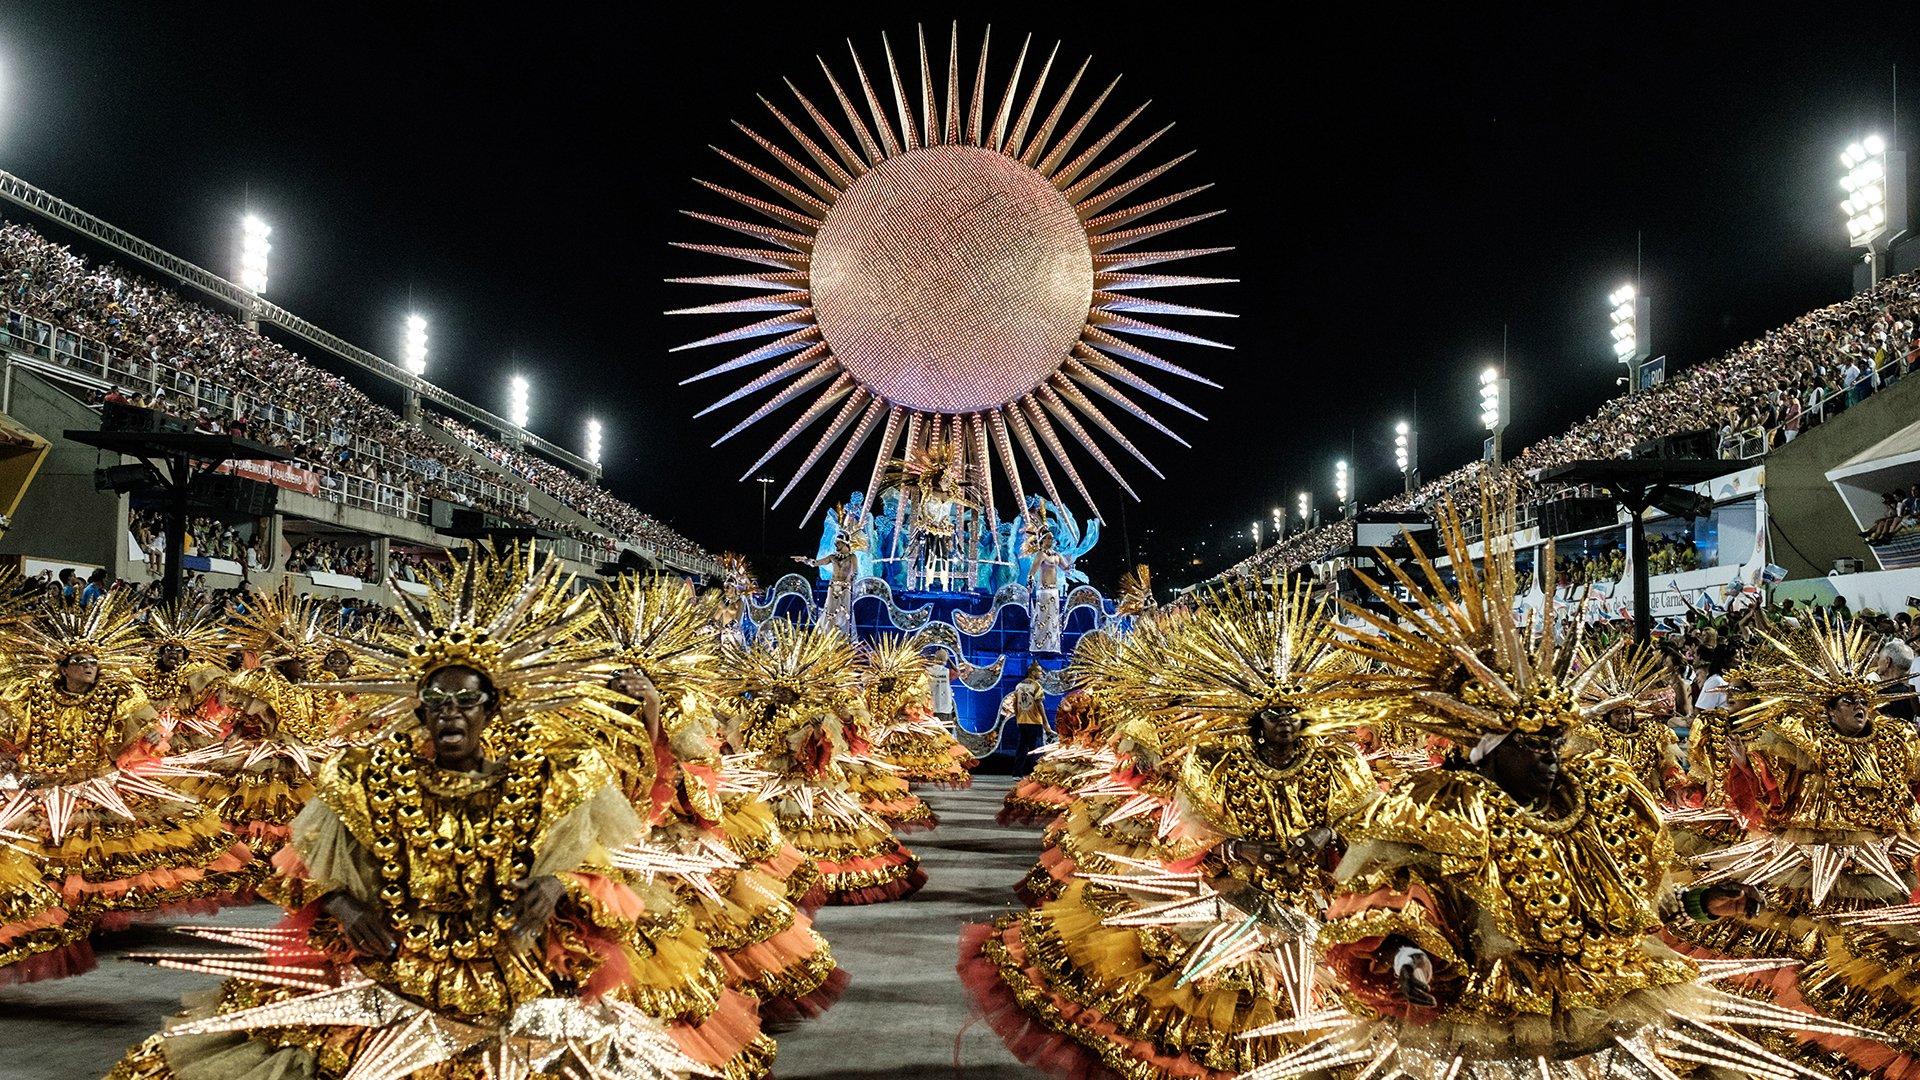 Seis de las mejores escuelas de samba de Río recorrieron los 700 metros del sambódromo para competir con otras tantas que desfilaron la víspera por el título de campeona del Carnaval